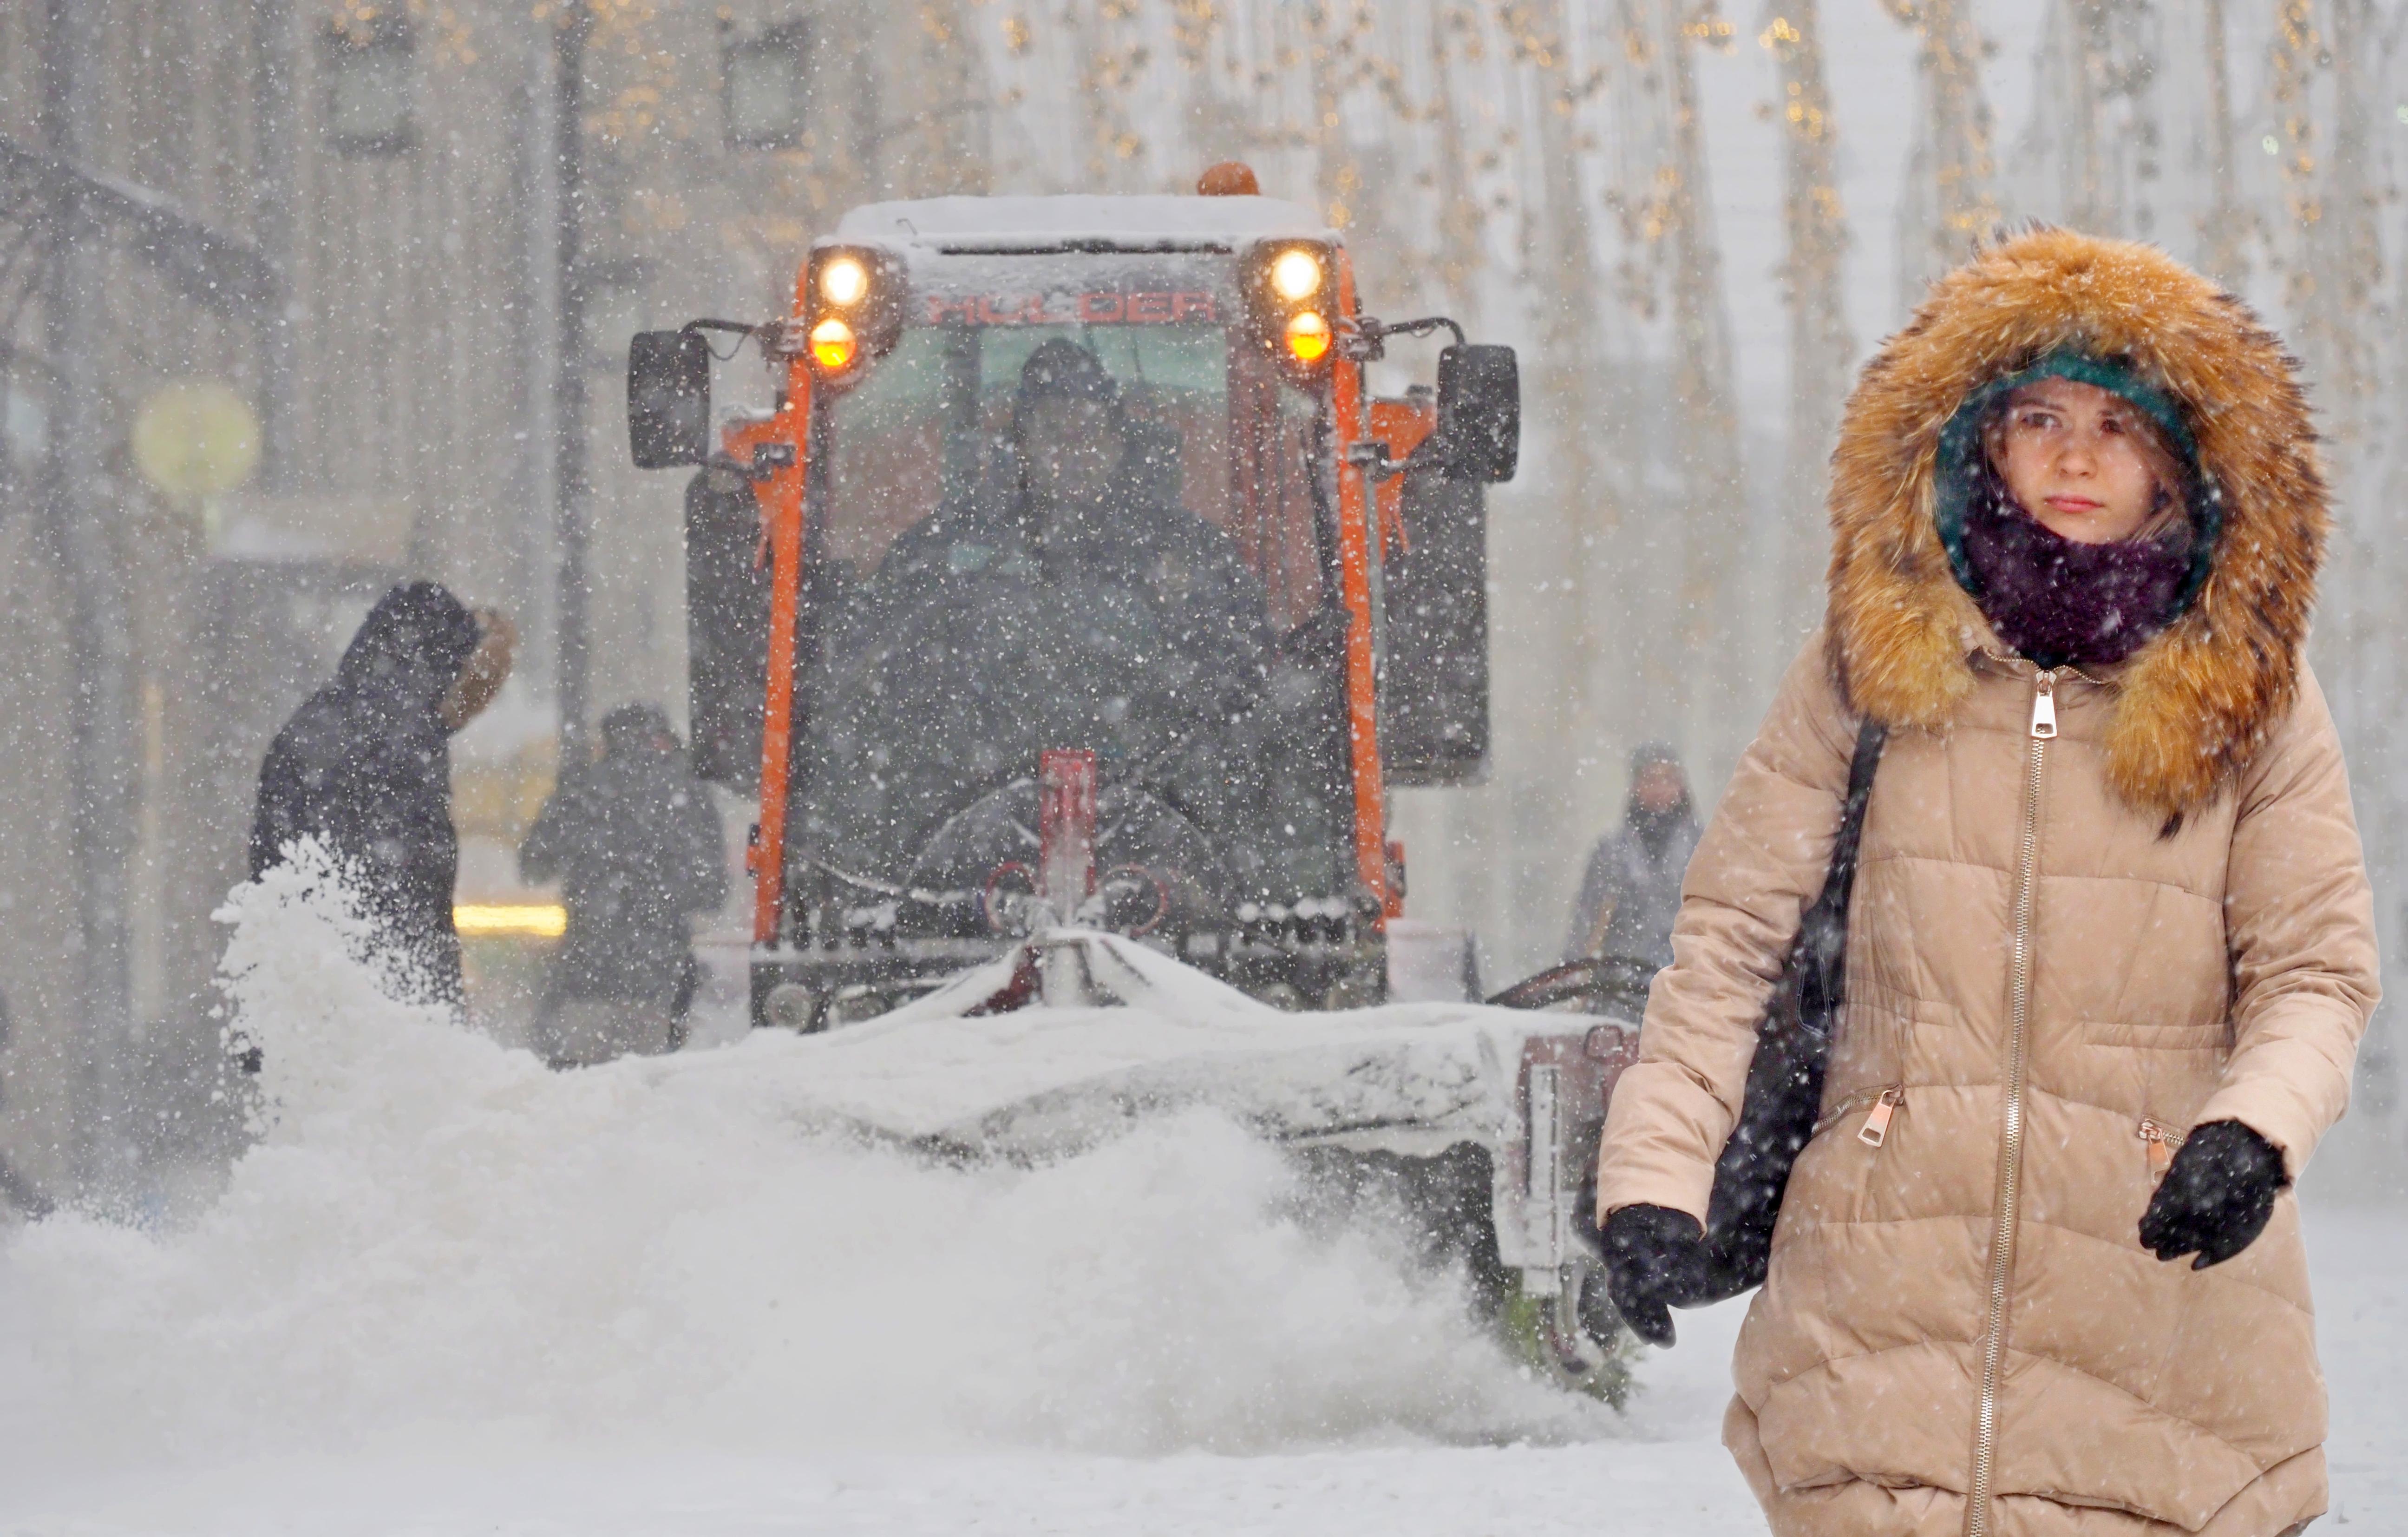 Московский синоптик допустила восемь сантиметров снега к вечеру пятницы